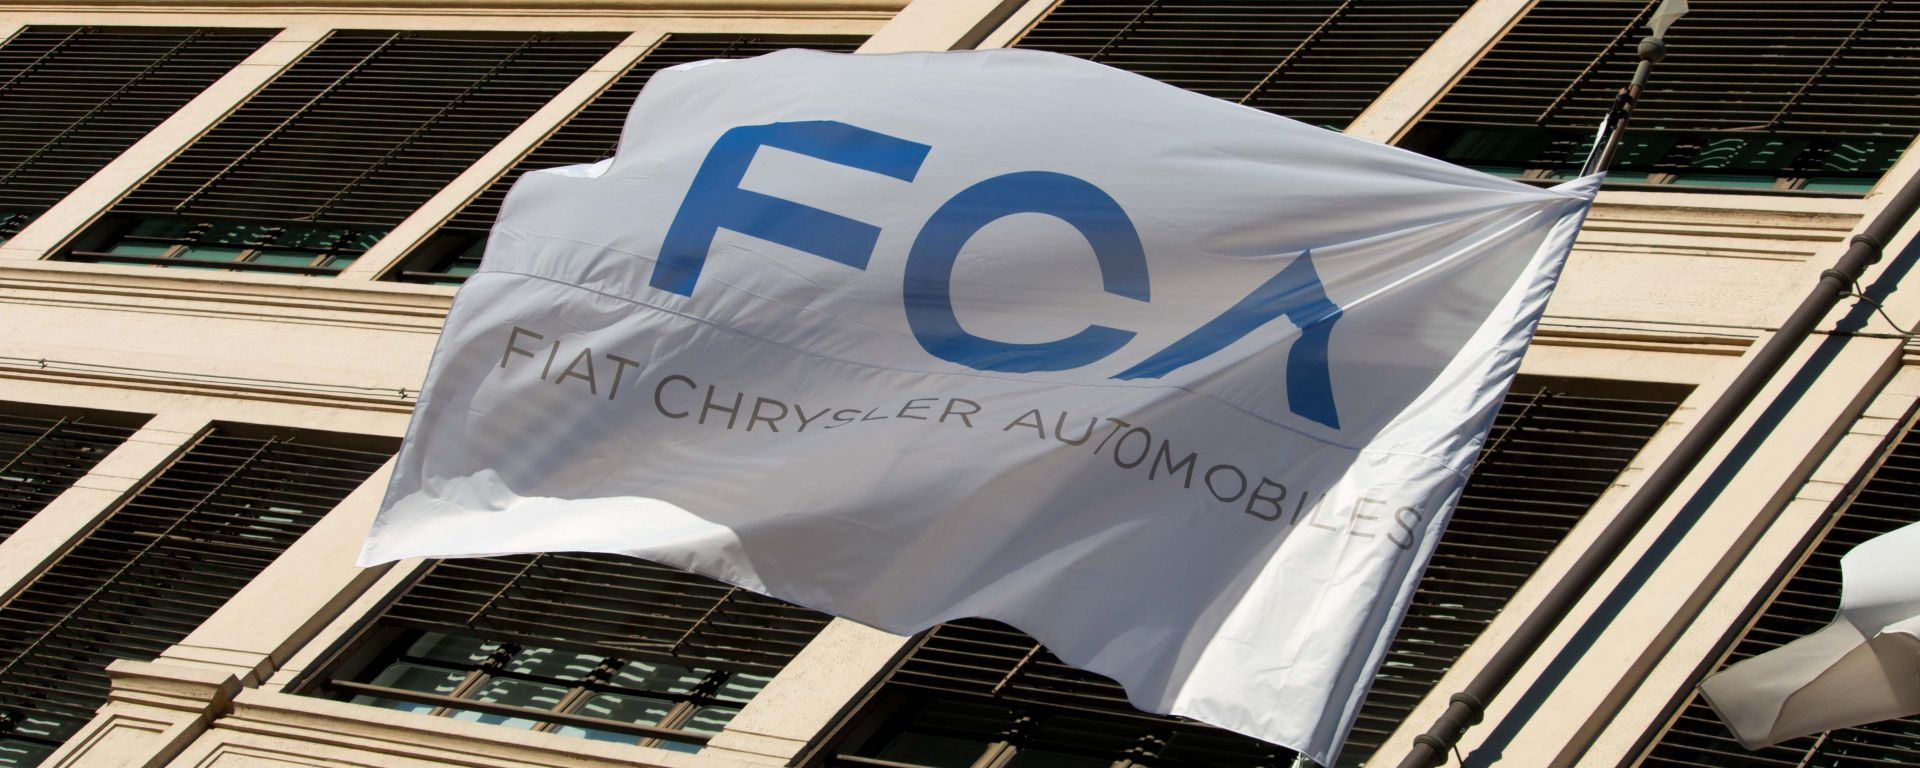 FCA avrebbe proposto una soluzione per la questione Diesel in cui è coinvolta negli USA